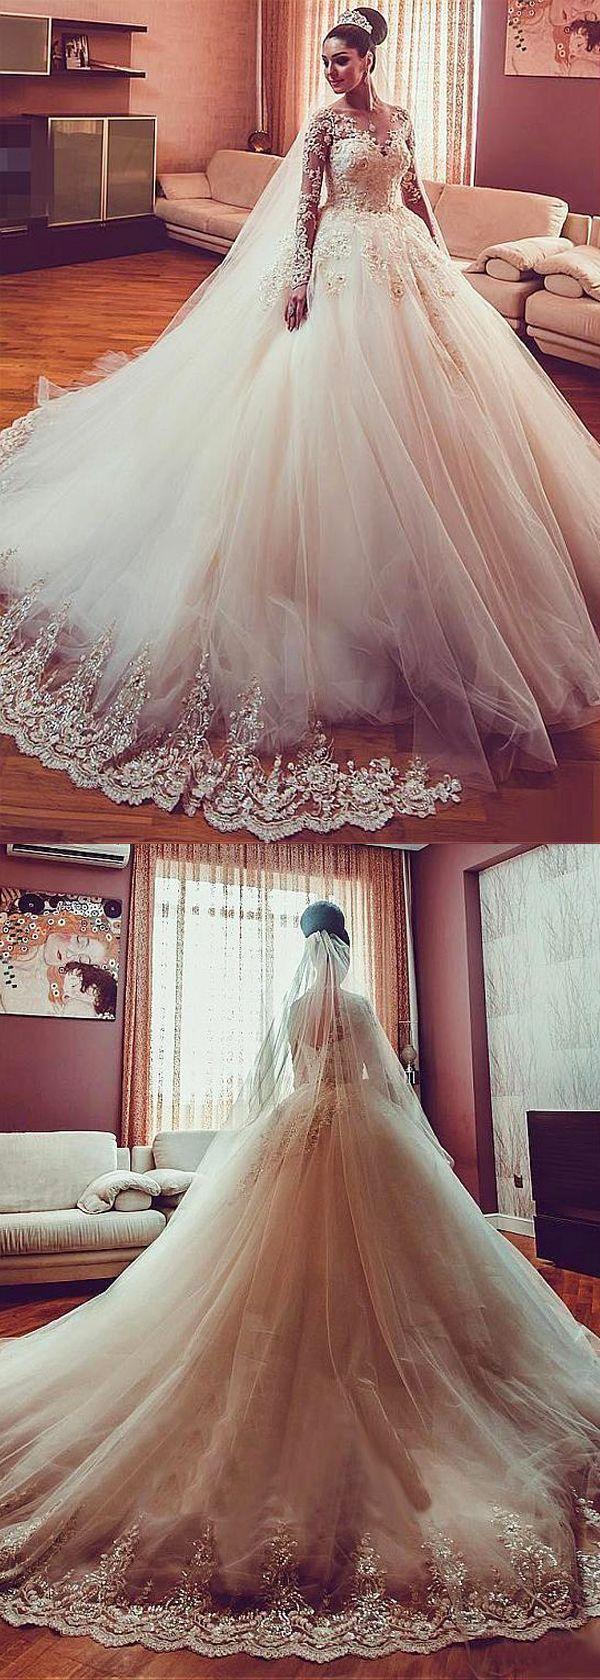 [246.00]  Glamourösen Tüll Juwel Ausschnitt Ballkleid Brautkleid mit Perlen Spitzenapplikationen - #Ausschnitt #Ballkleid #Brautkleid #Glamourösen #Juwel #mit #Perlen #Spitzenapplikationen #Tüll #spitzeapplique